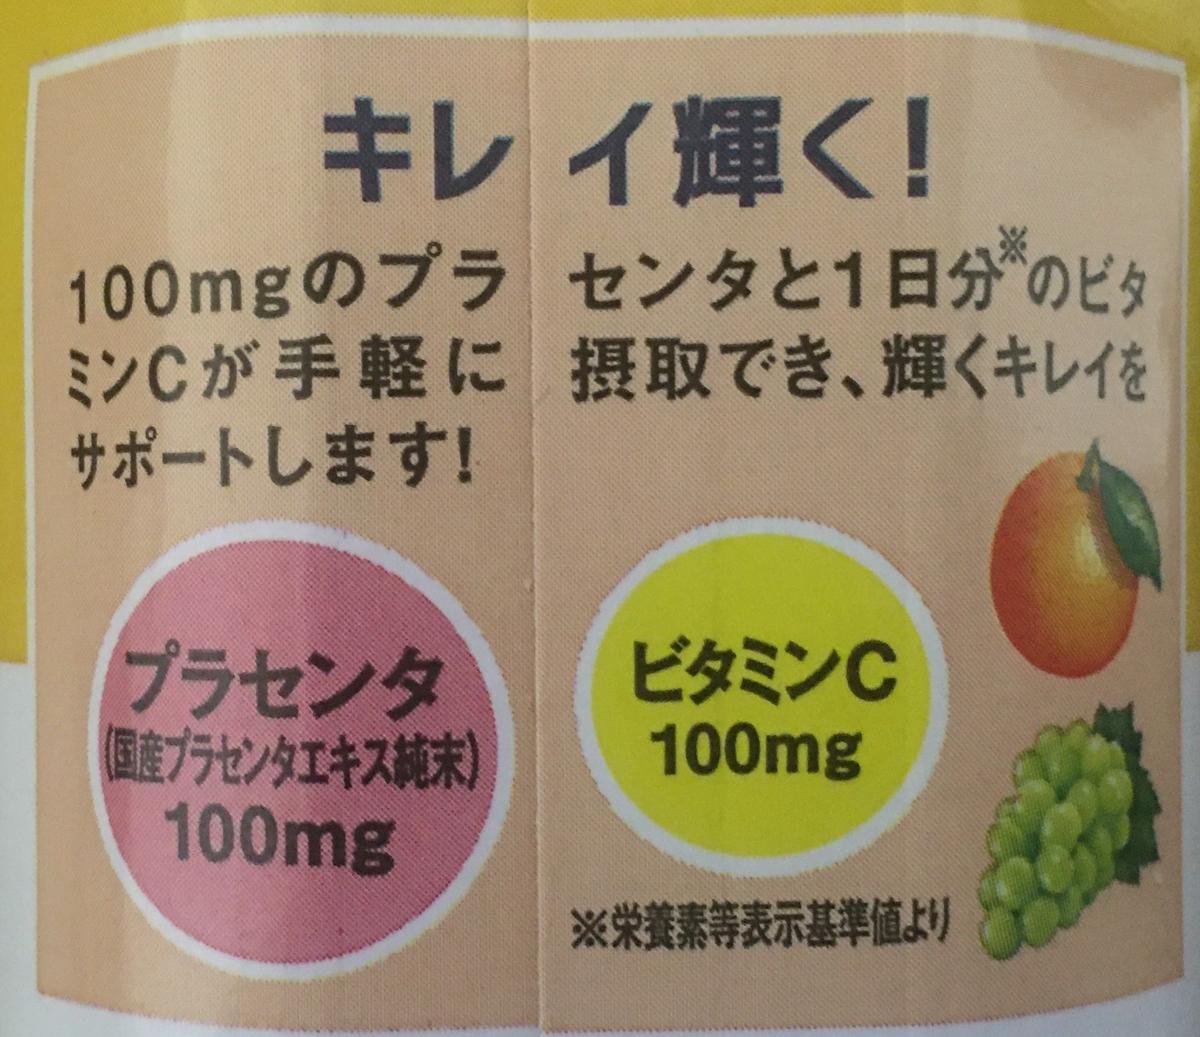 f:id:YOSHIO1010:20200414183715j:plain